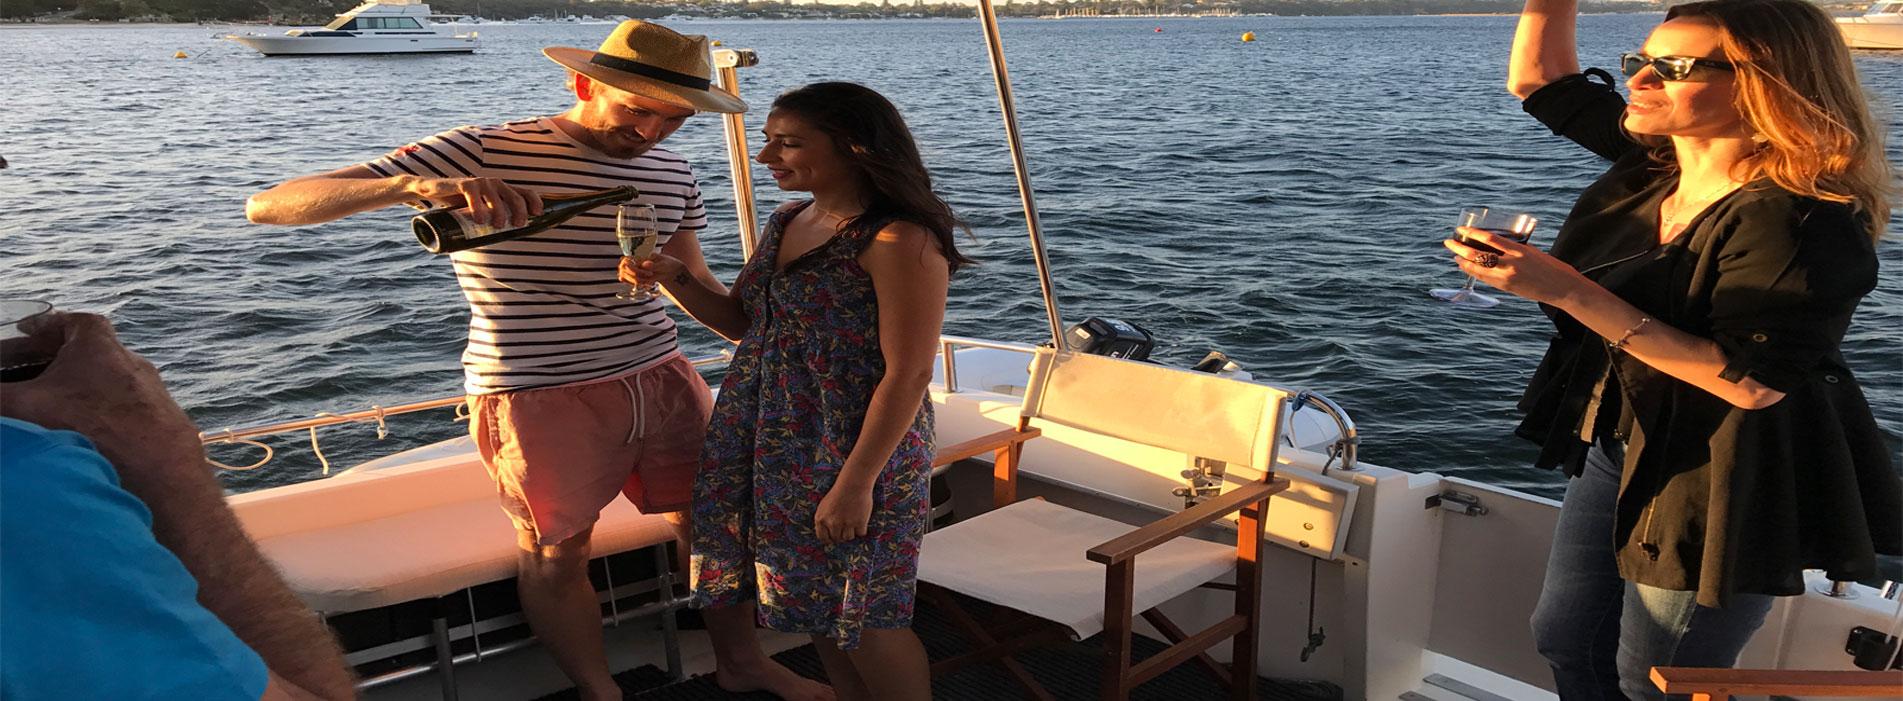 MOONSHINE-II-boat-charter-hire-perth-wa-champagne-cruise